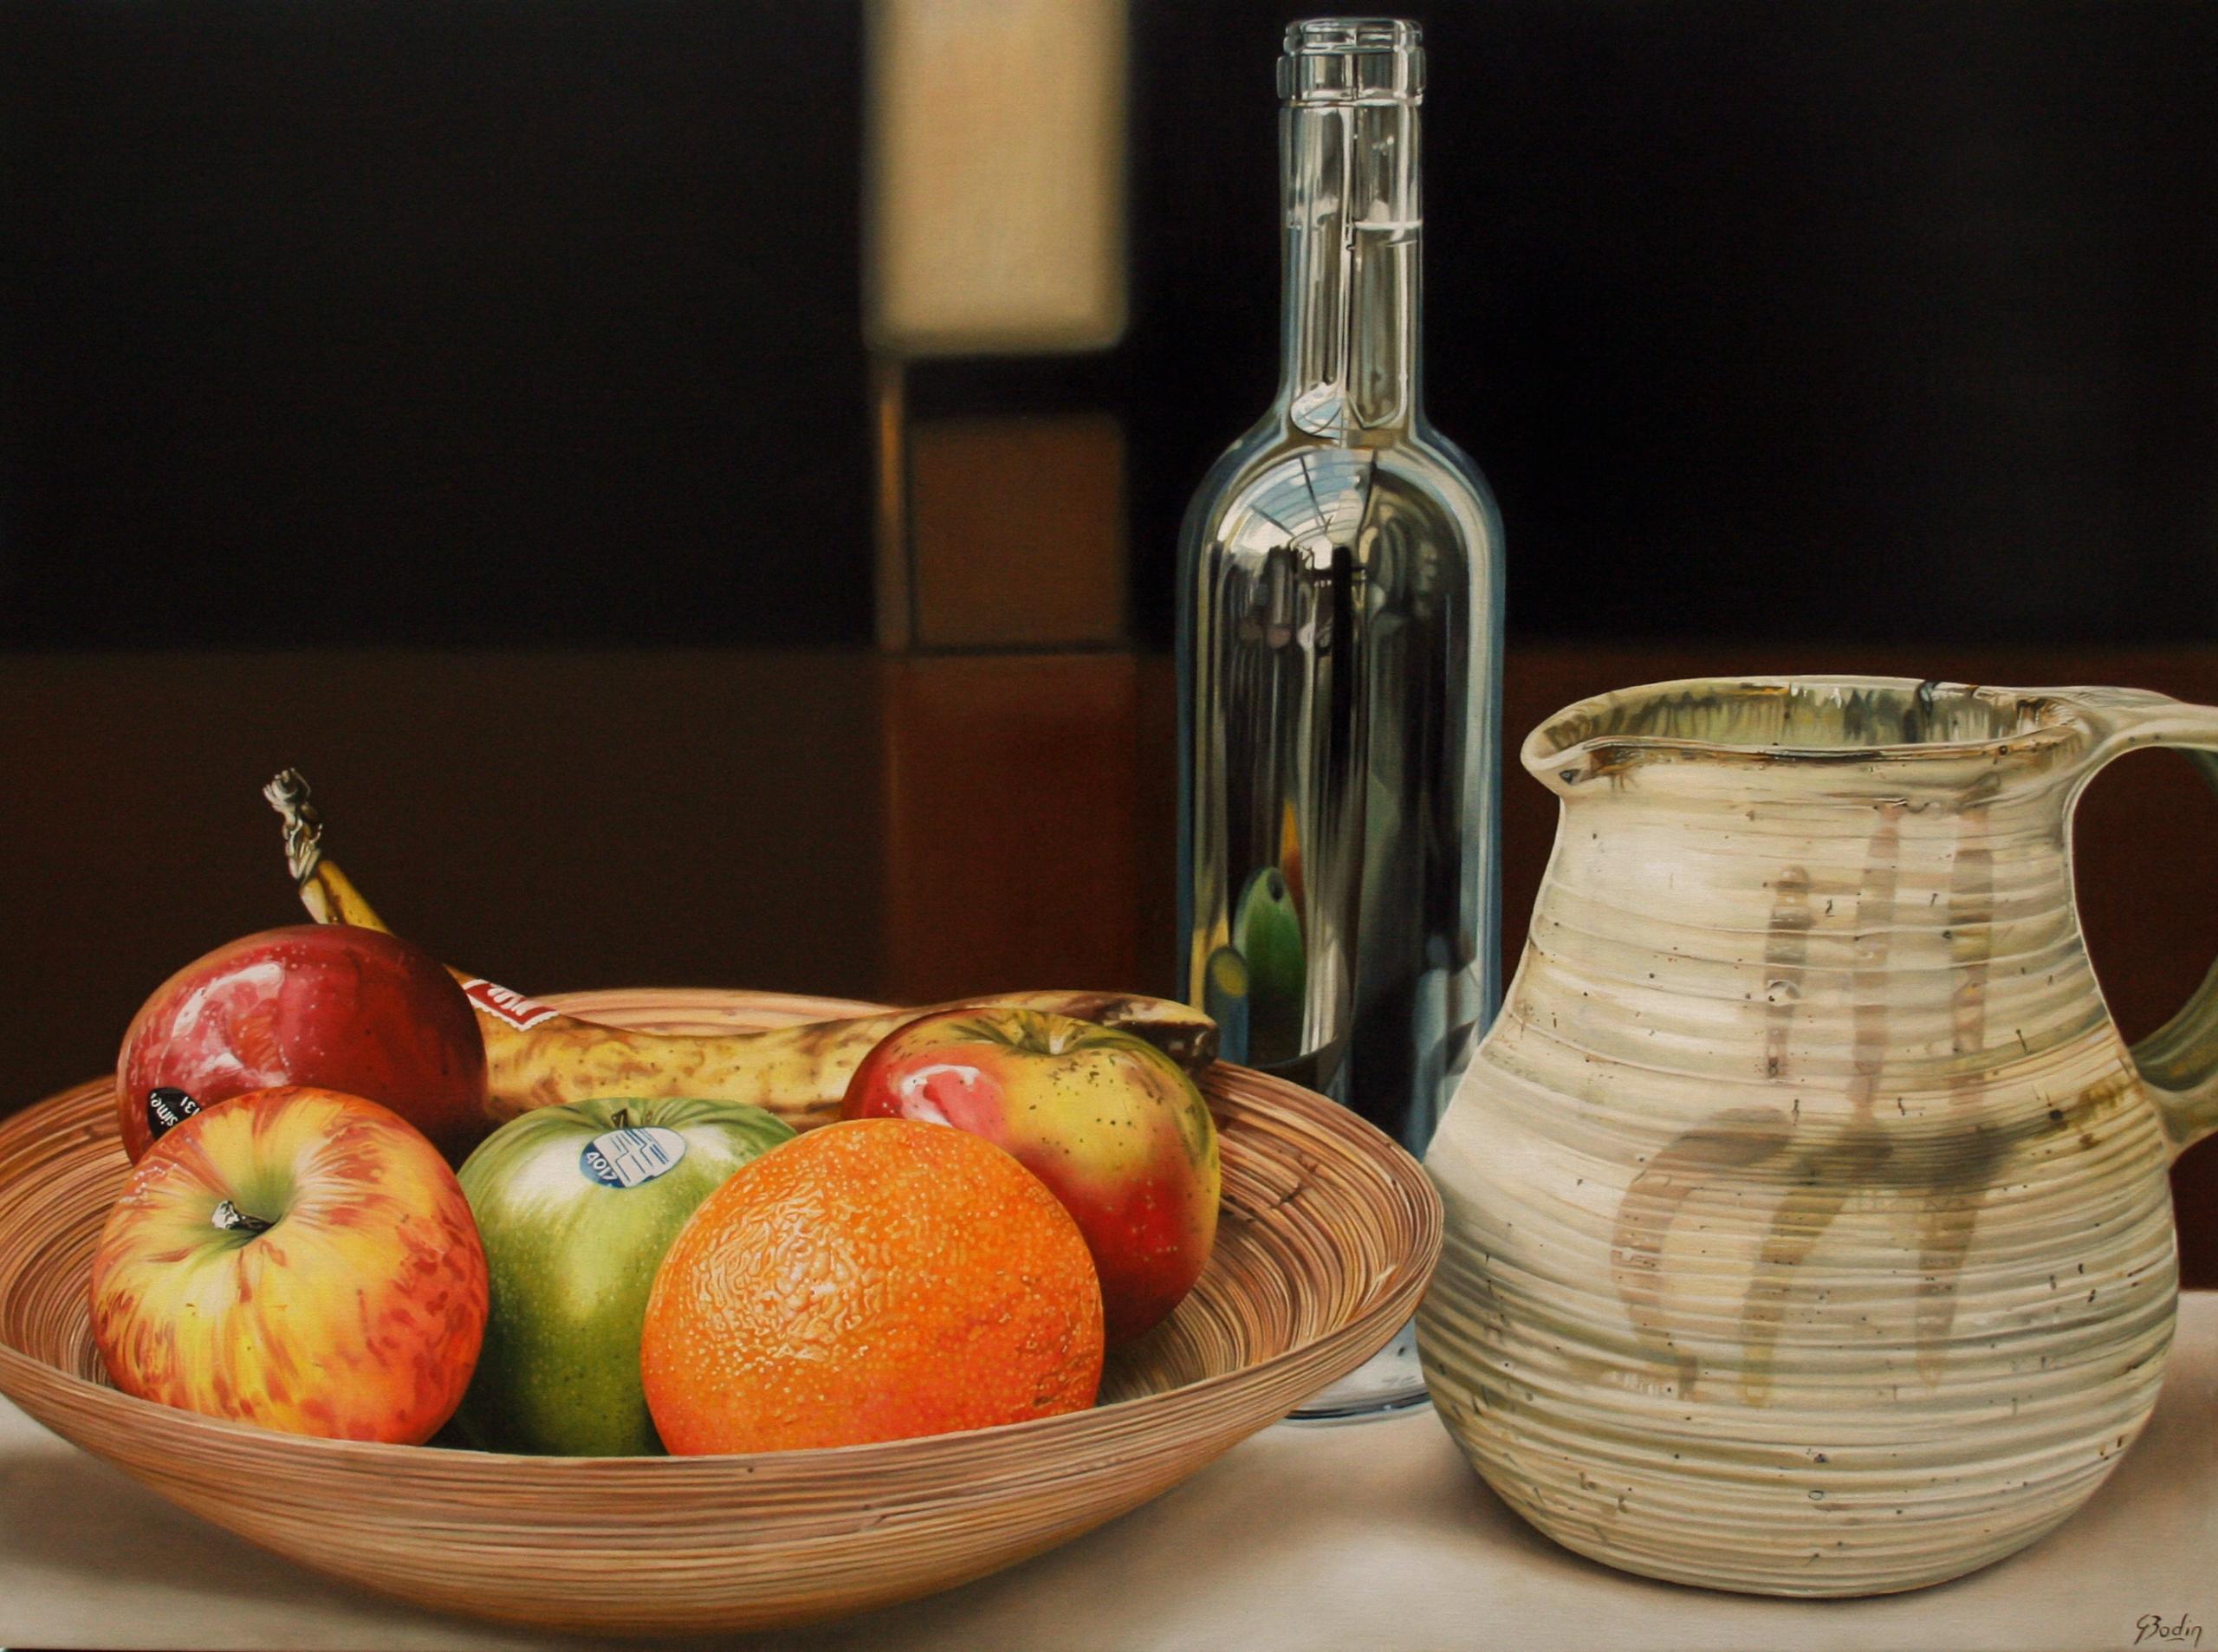 Jacques Bodin Fruits XXII Oil c - jacquesbodin | ello